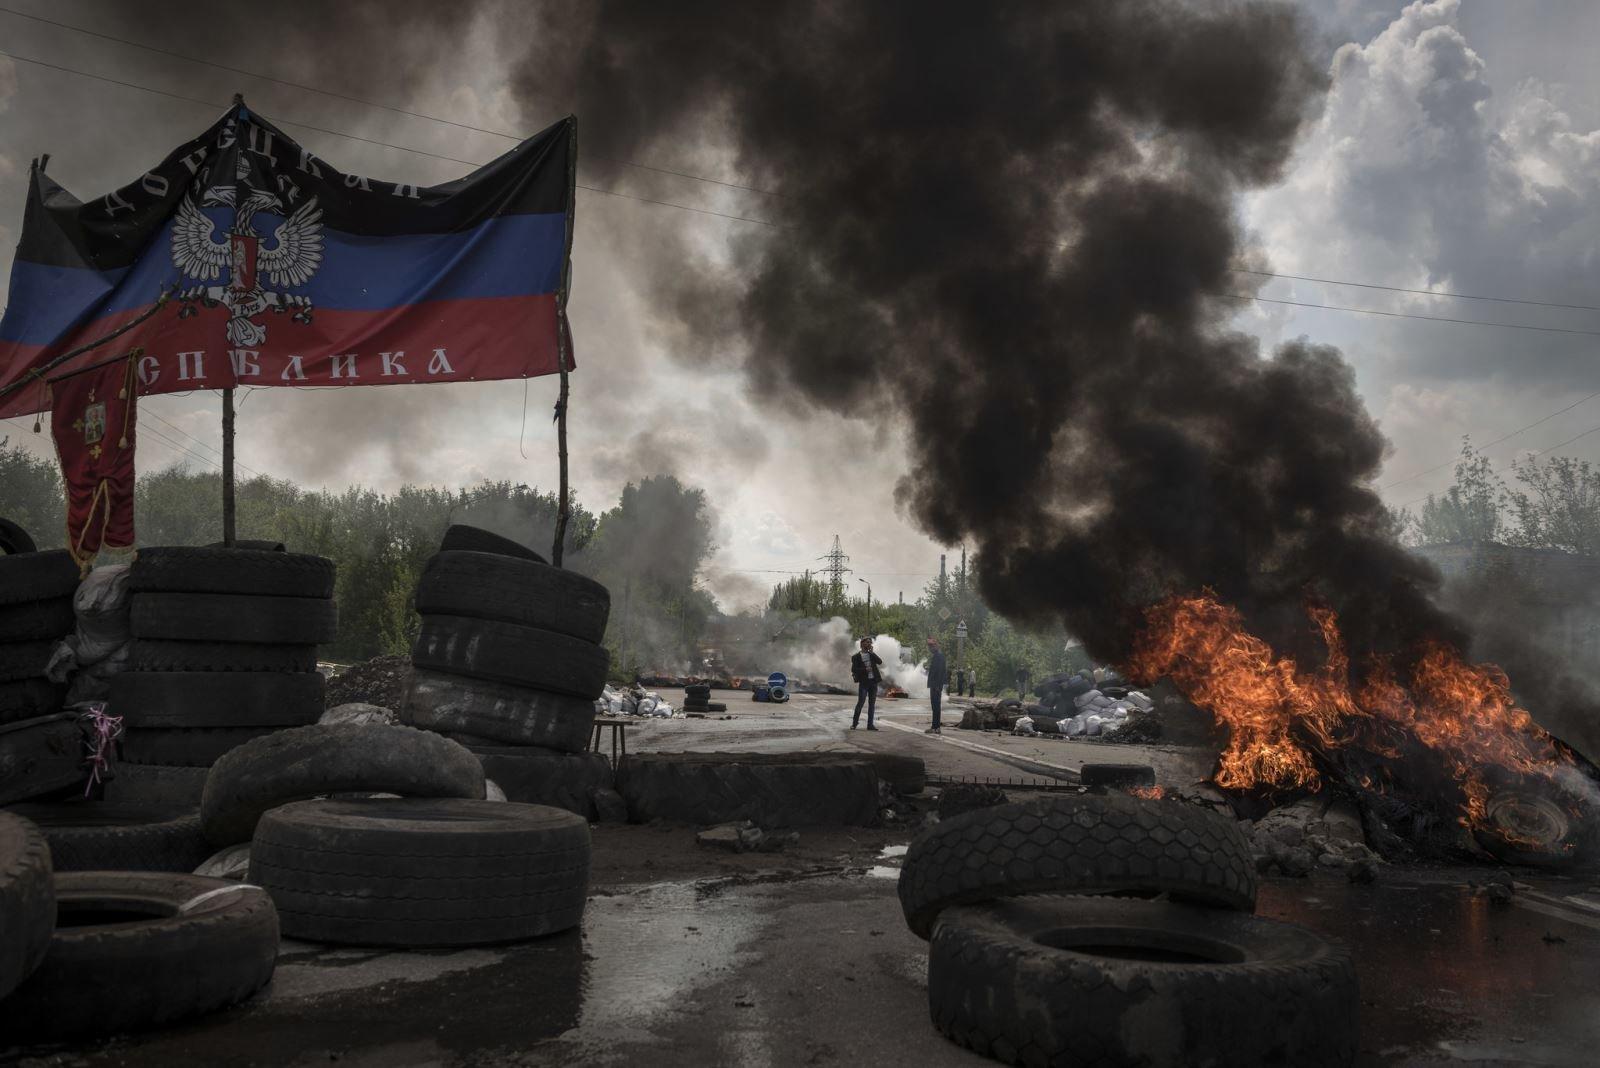 Обстрелы вДНР: Засутки ВСУ 3 раза нарушили режим предотвращения огня